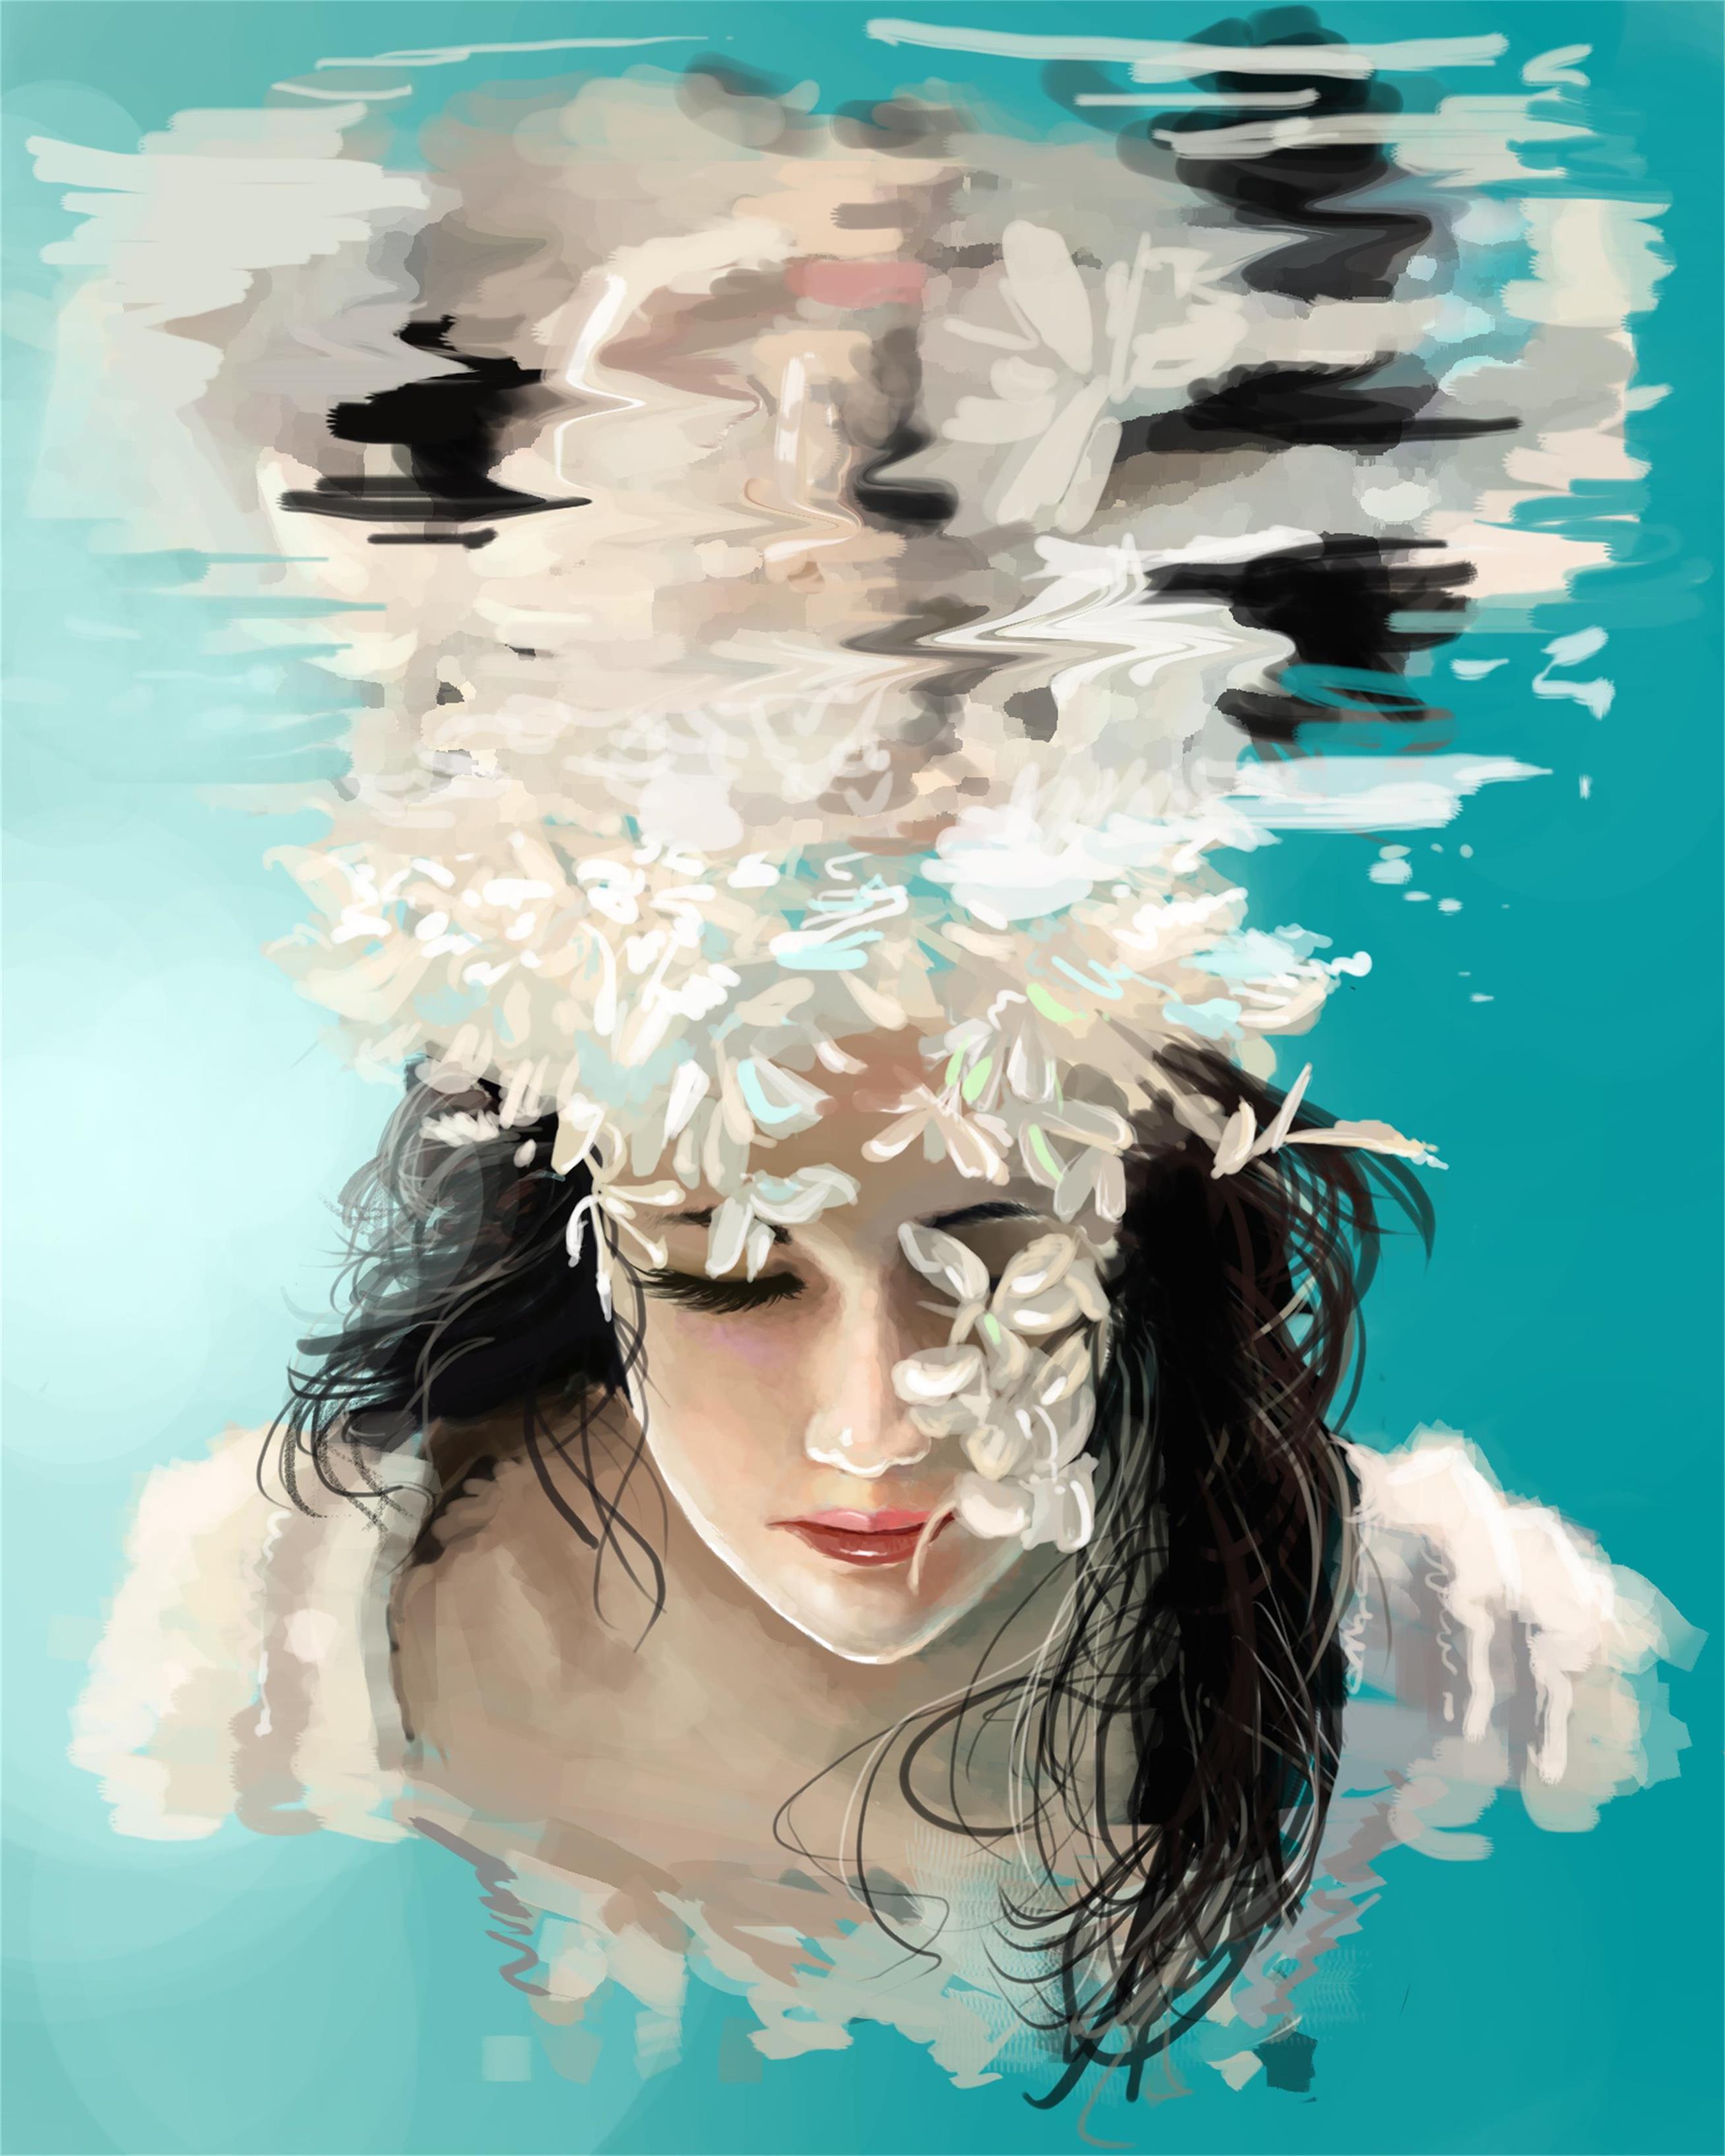 水下人物设计